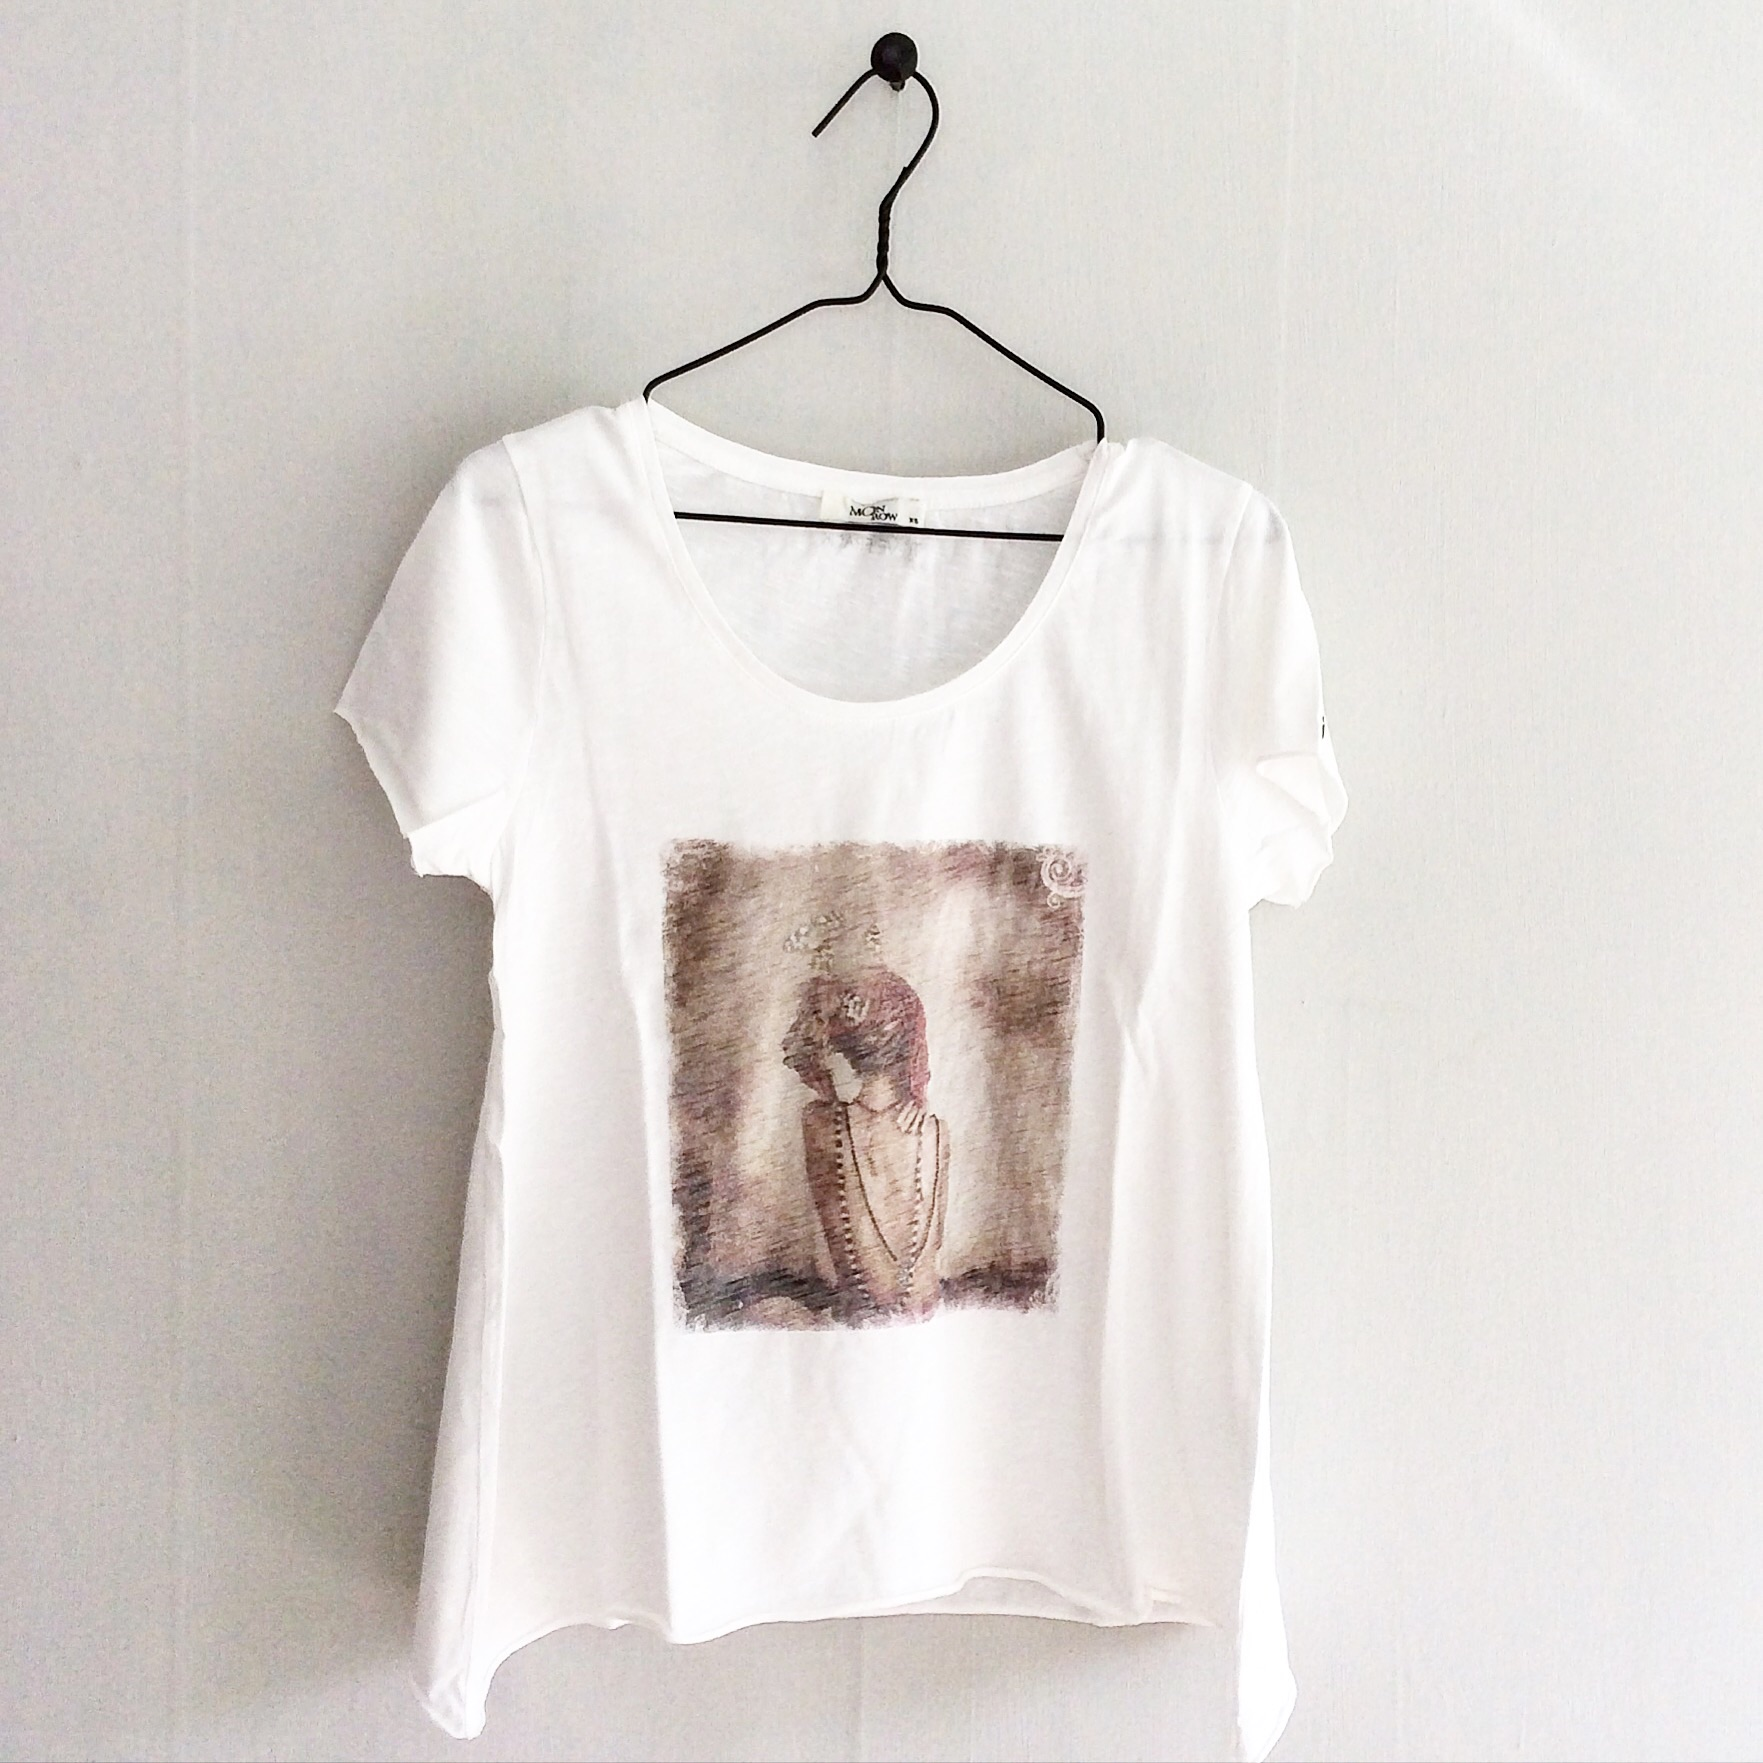 83406dca80dd Tove Frank T-shirt Back - Onödigt Snyggt